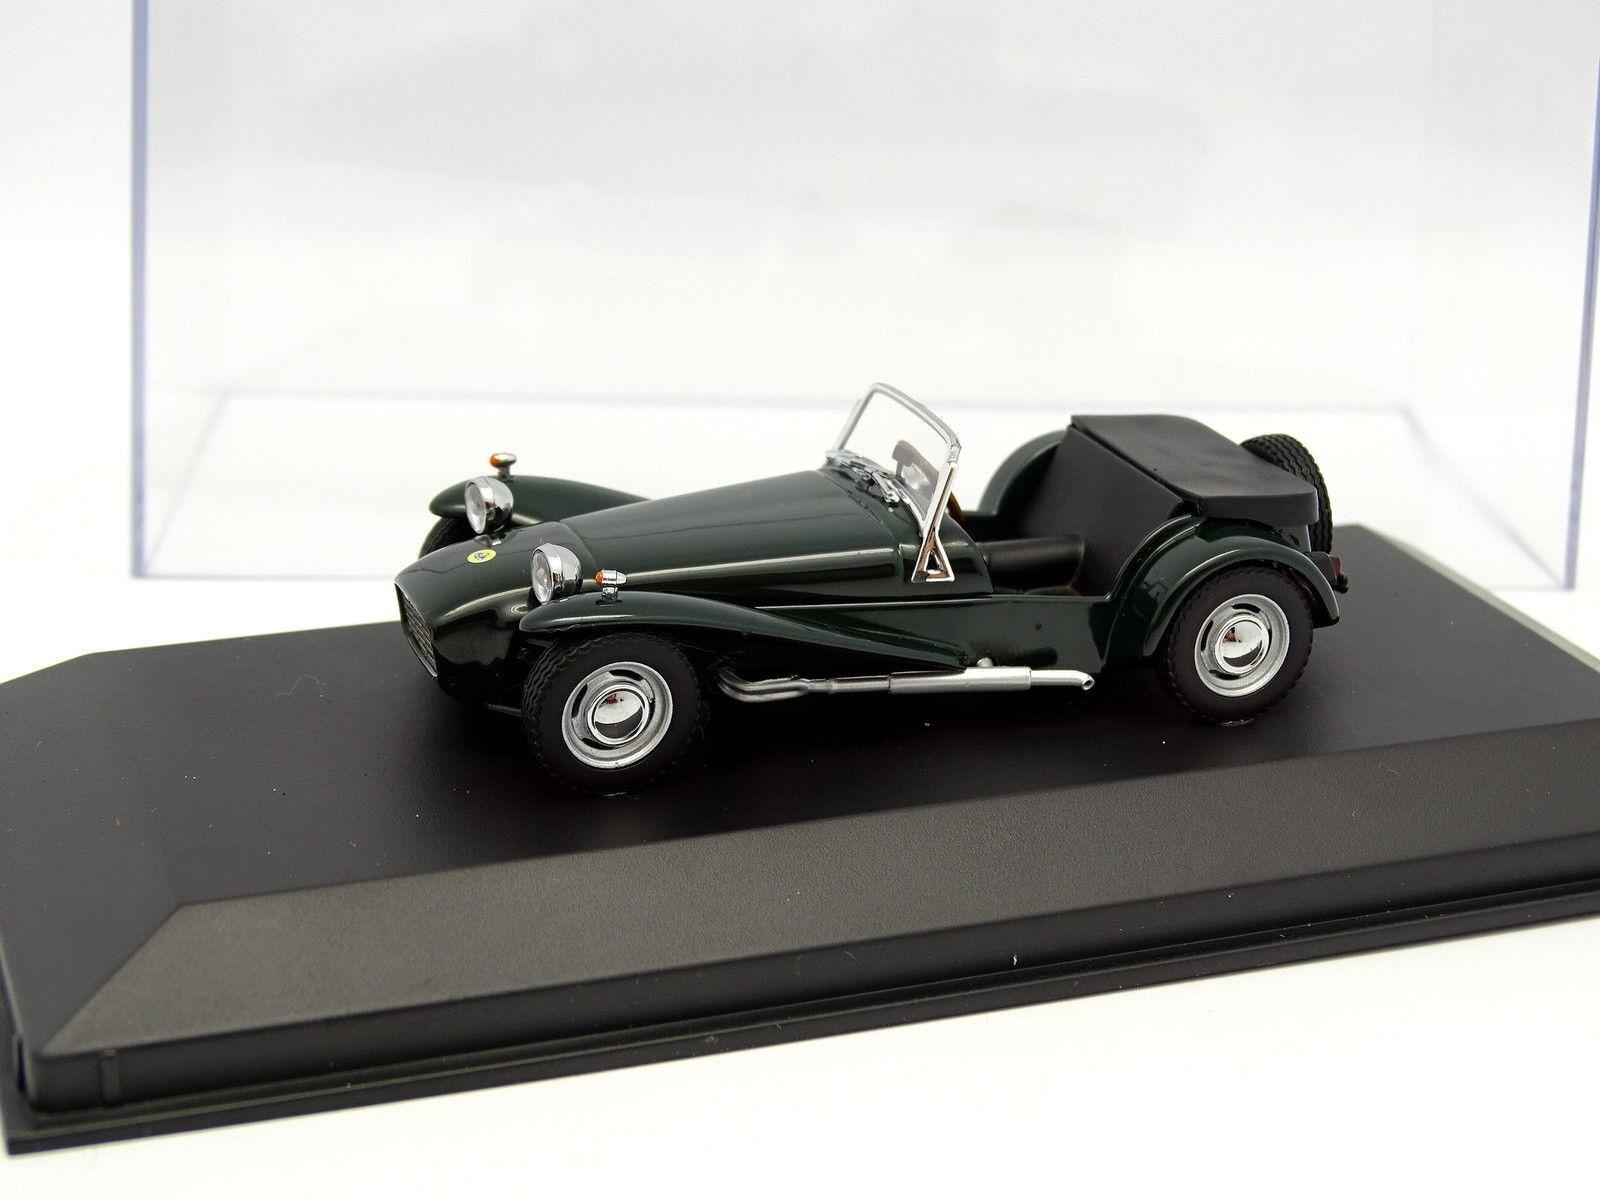 Minichamps 1 43 - Lotus Super 7 Seven Green